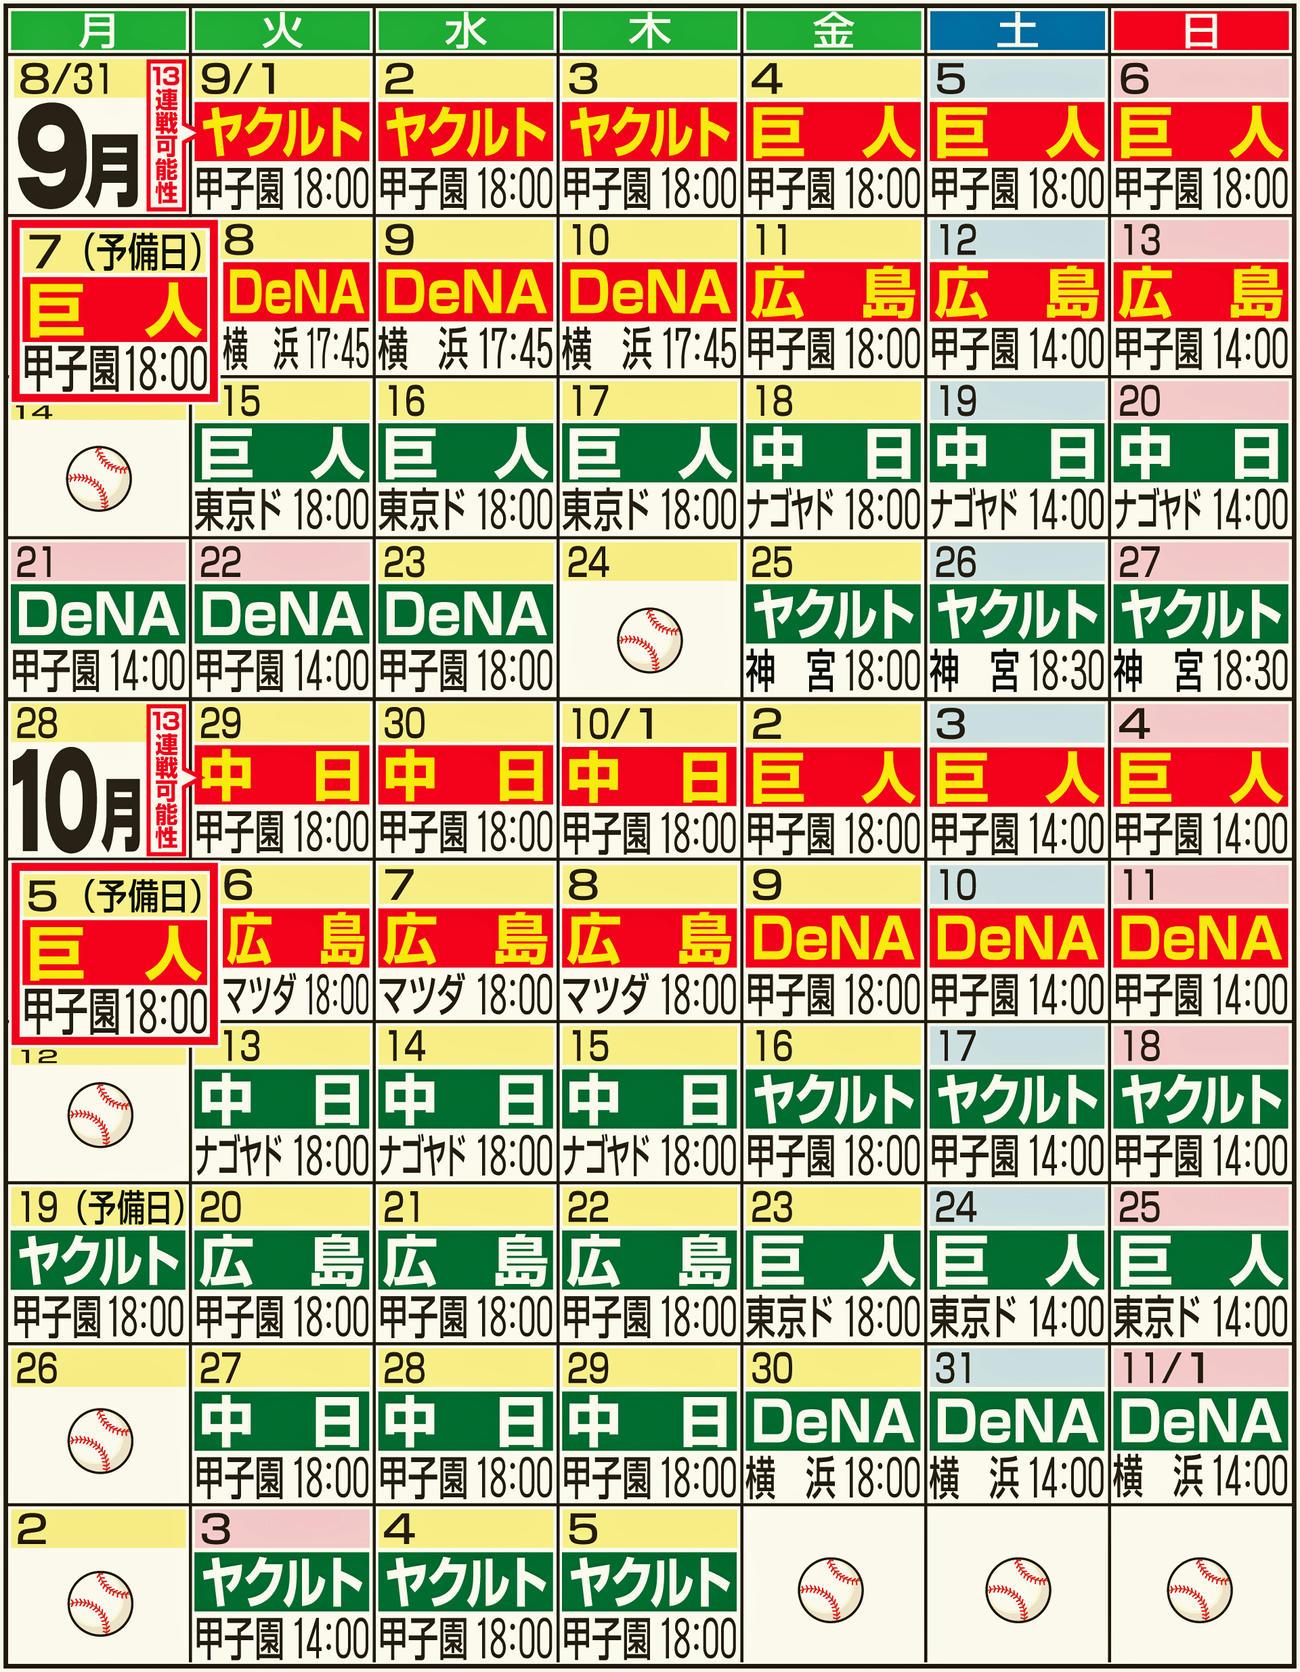 阪神試合日程